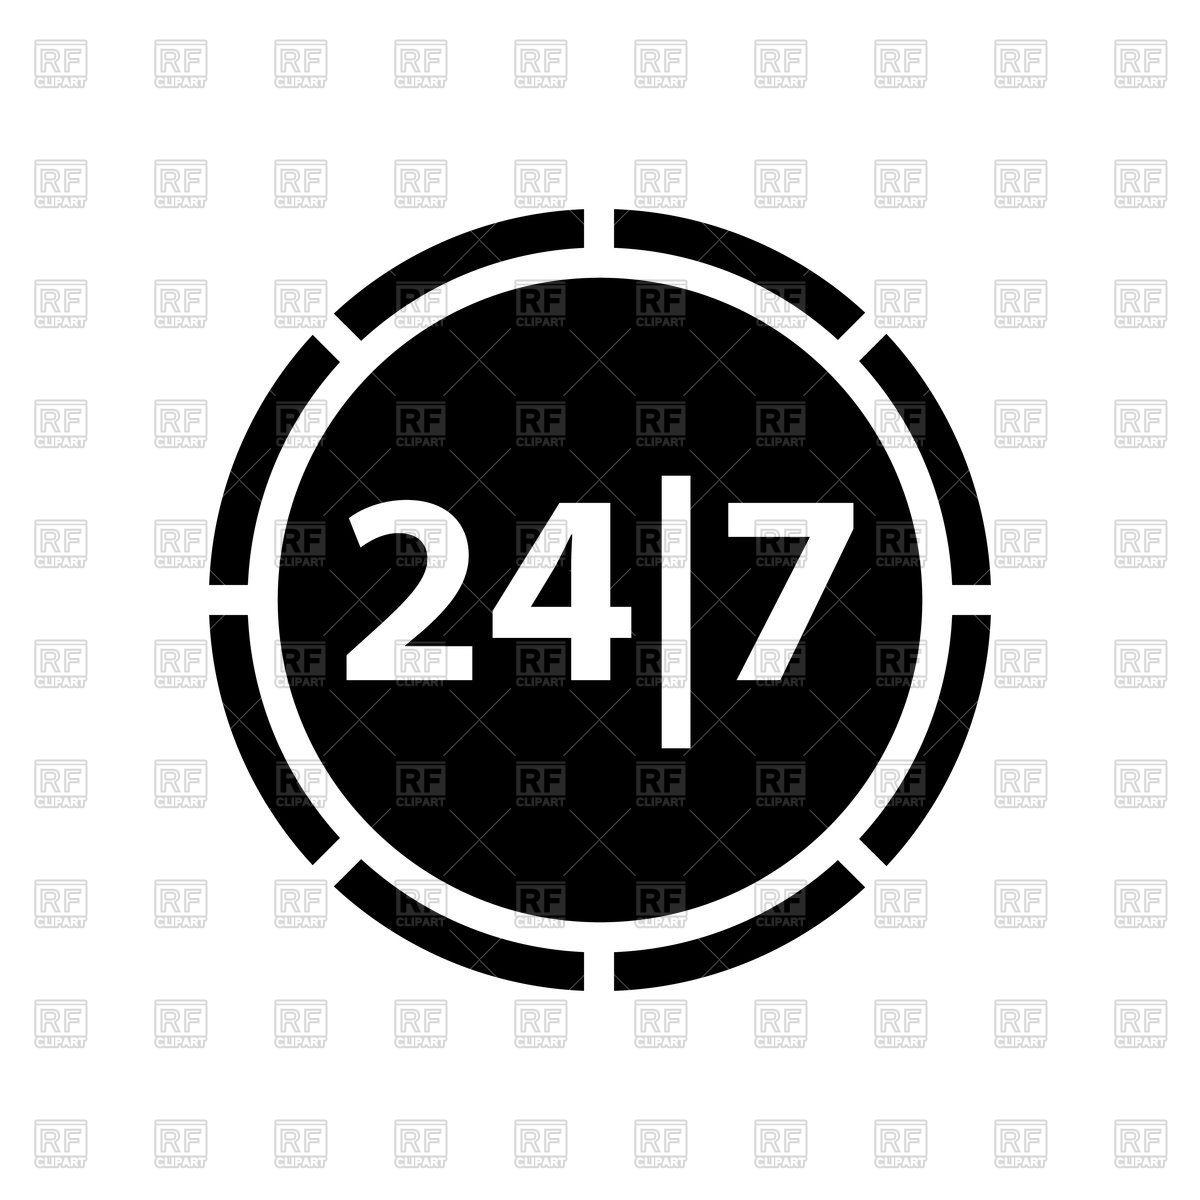 24/7 shopping icon Stock Vector Image.